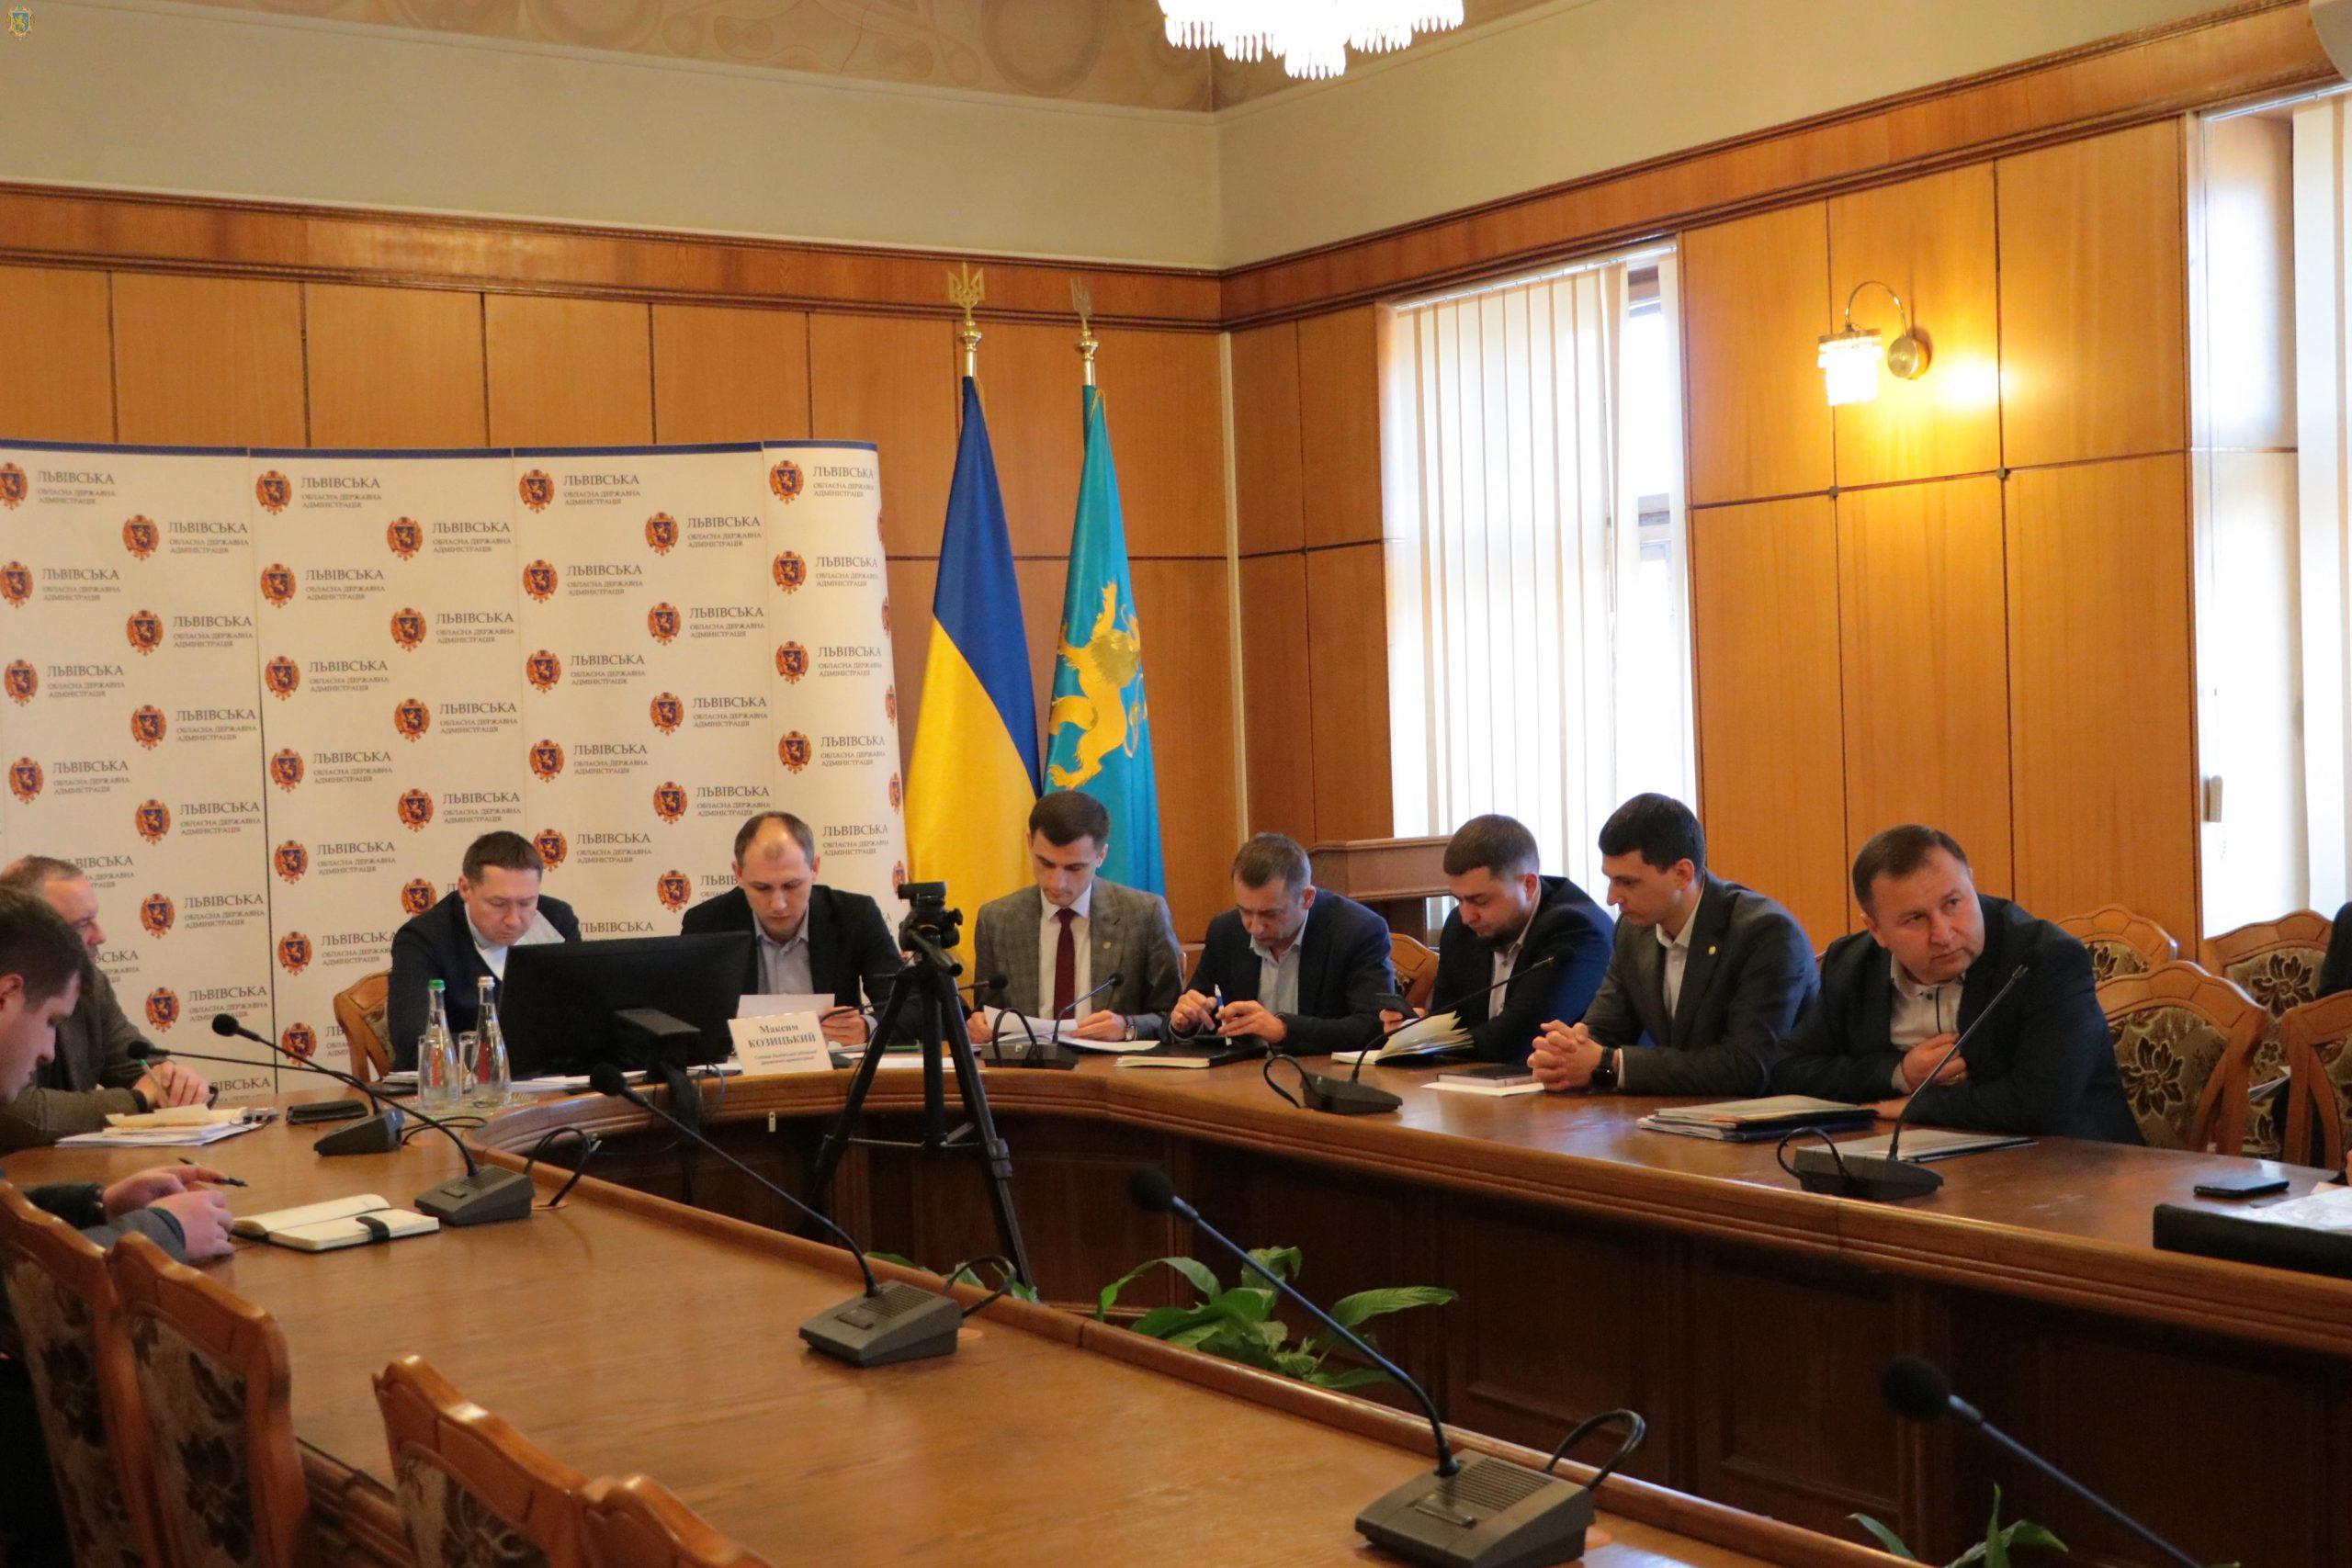 Працюємо на випередження: Сьогодні ЛОДА доручила створити координаційні штаби в районах, у Дрогобичі такий штаб вже працює